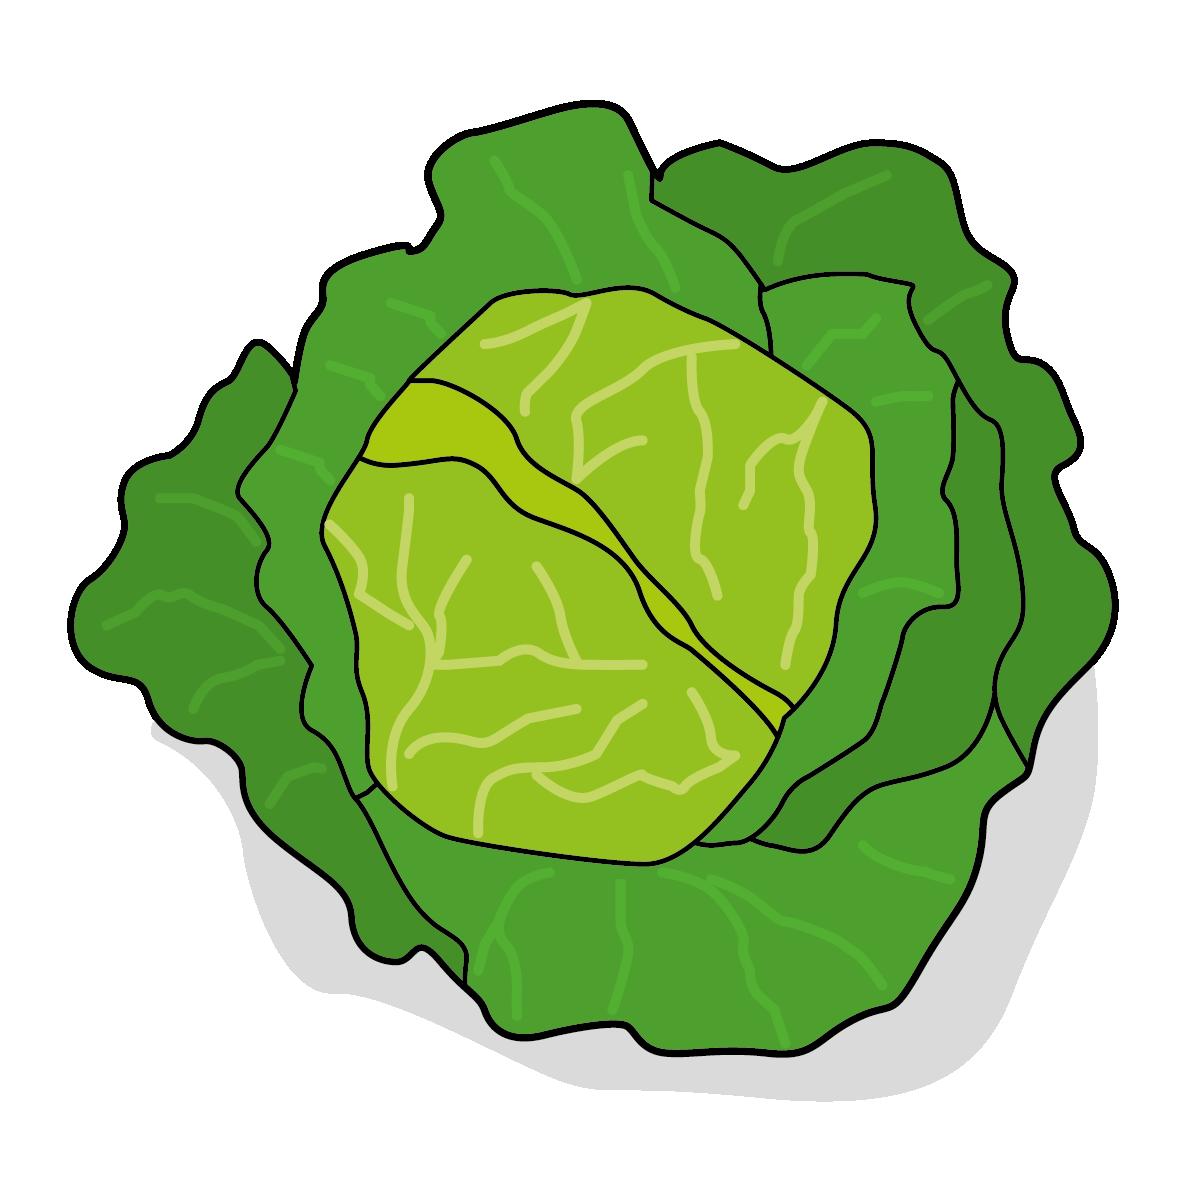 Icone d'un choux, ailmacoctte.com